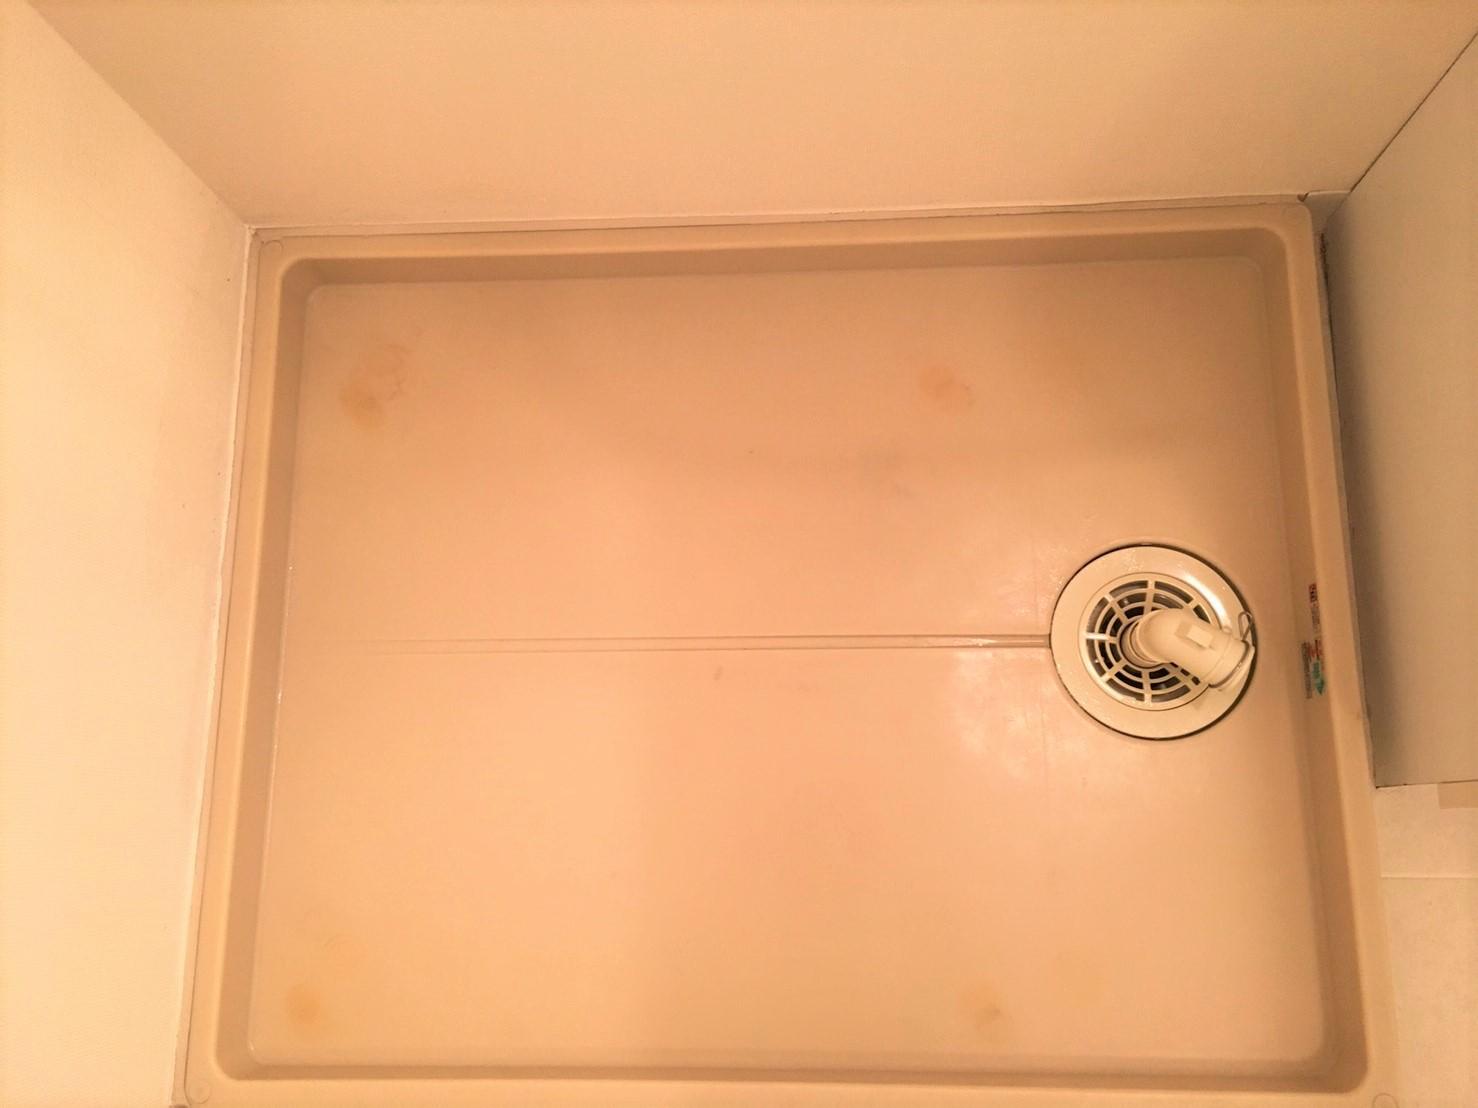 伊丹市 洗濯機の排水・洗濯パン清掃はできていますか?忙しいお母さんの味方、どんなことでもお気軽にご相談下さい!